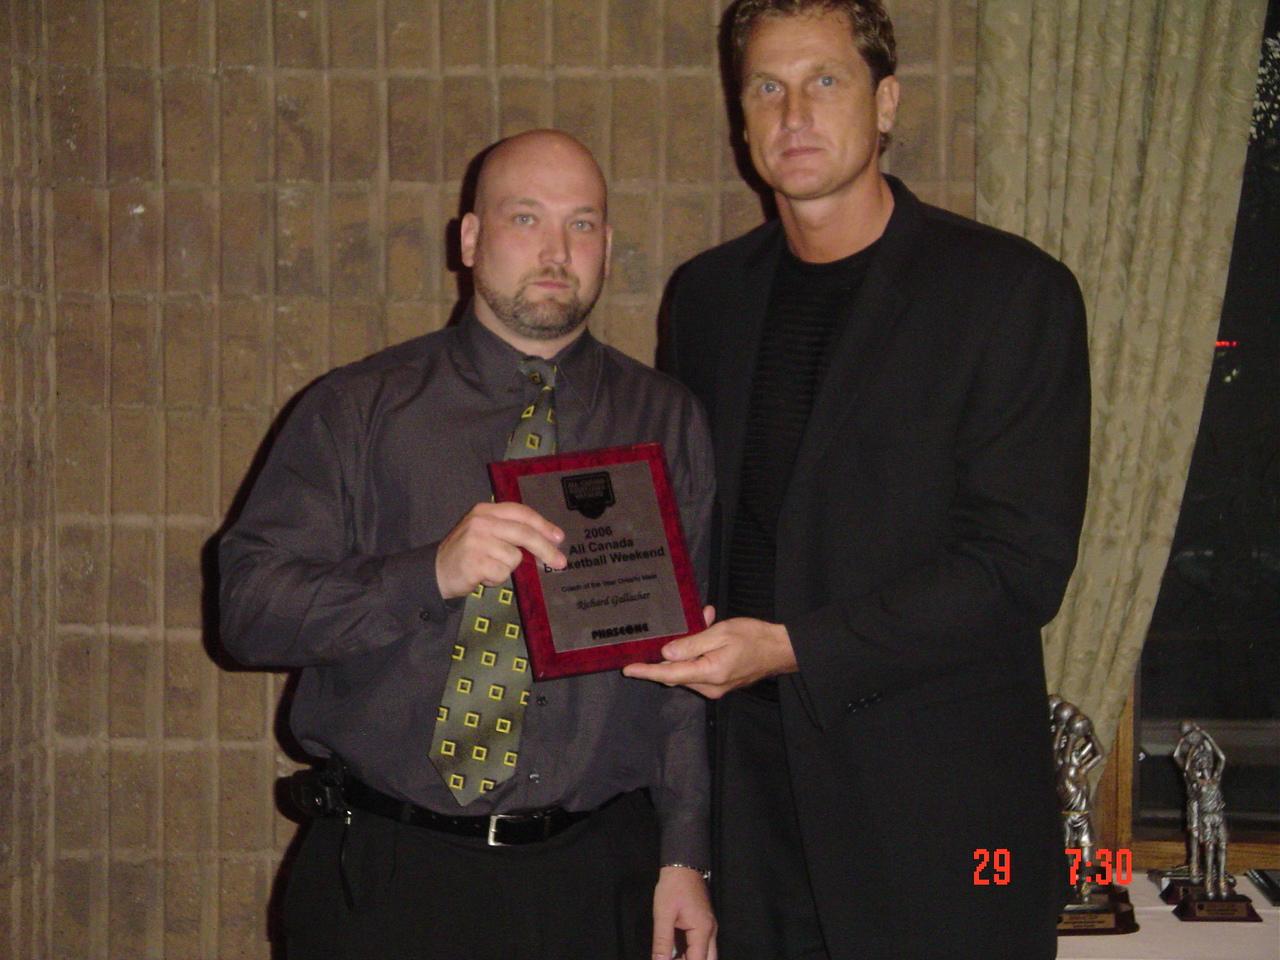 Richard Gallagher - 2006 Coach Year